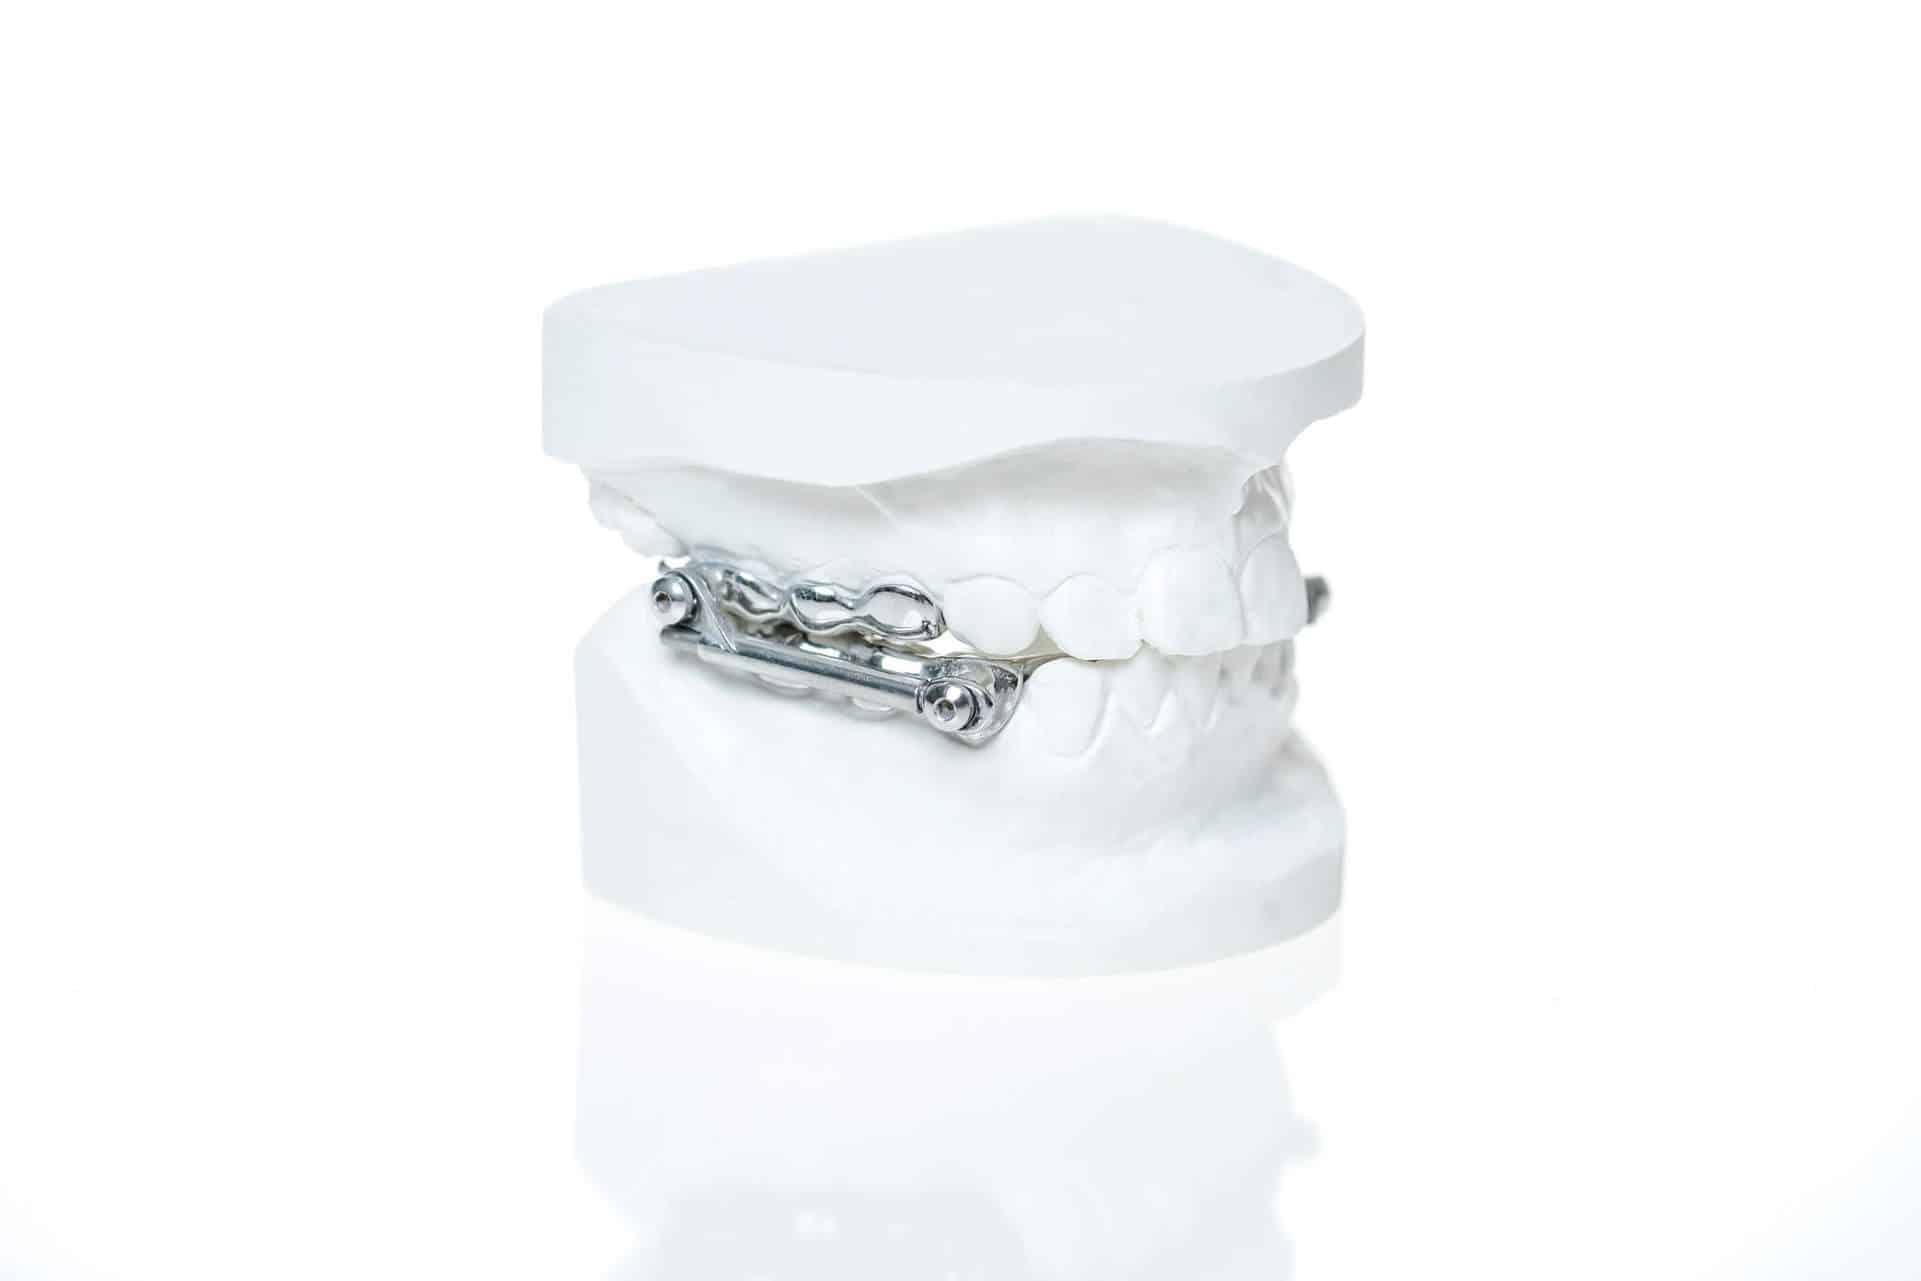 Zahnchirurgie Produktfotografie